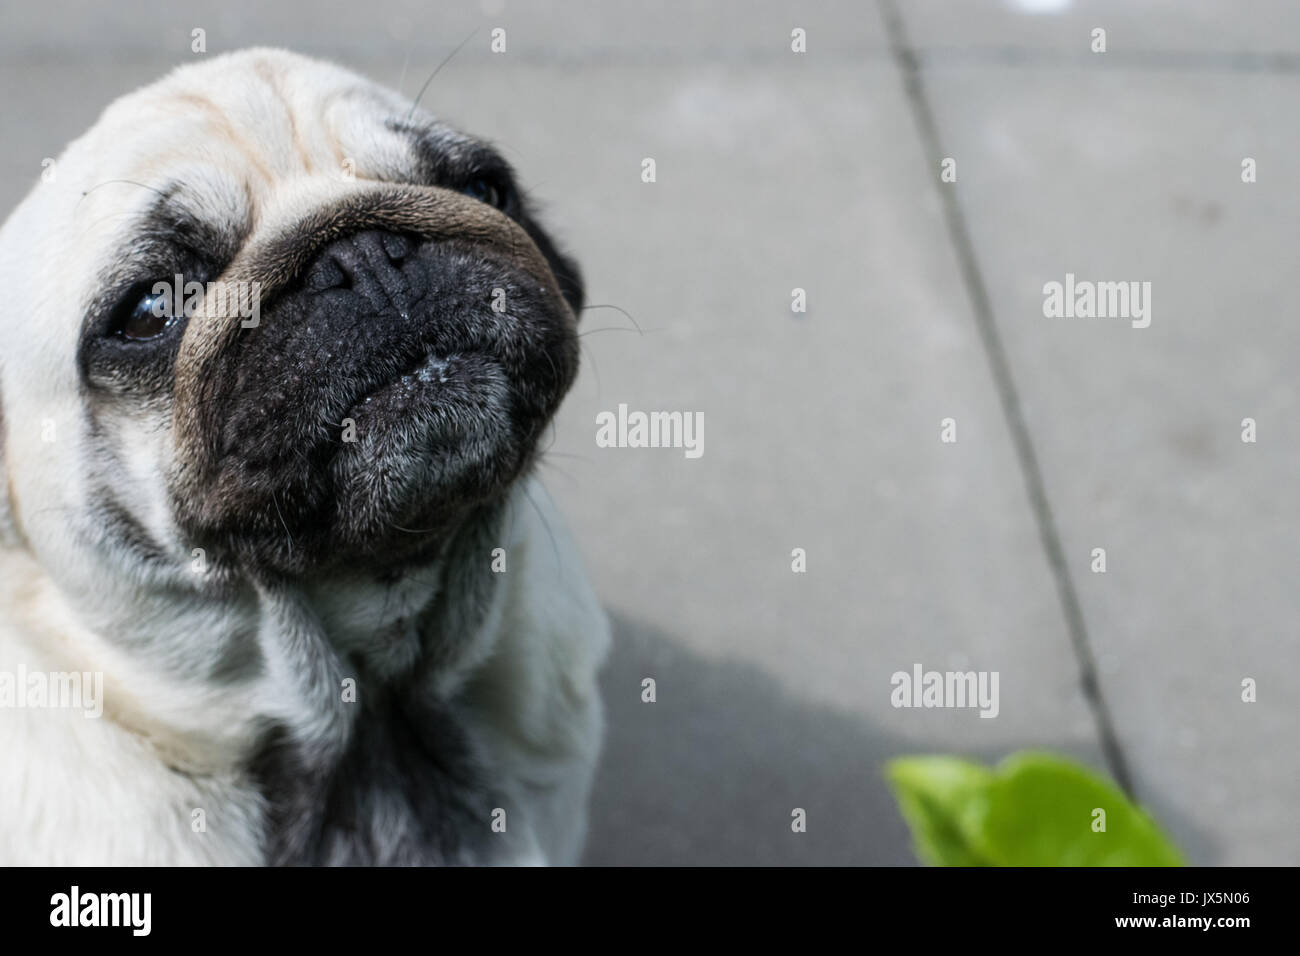 Mops dog - Stock Image